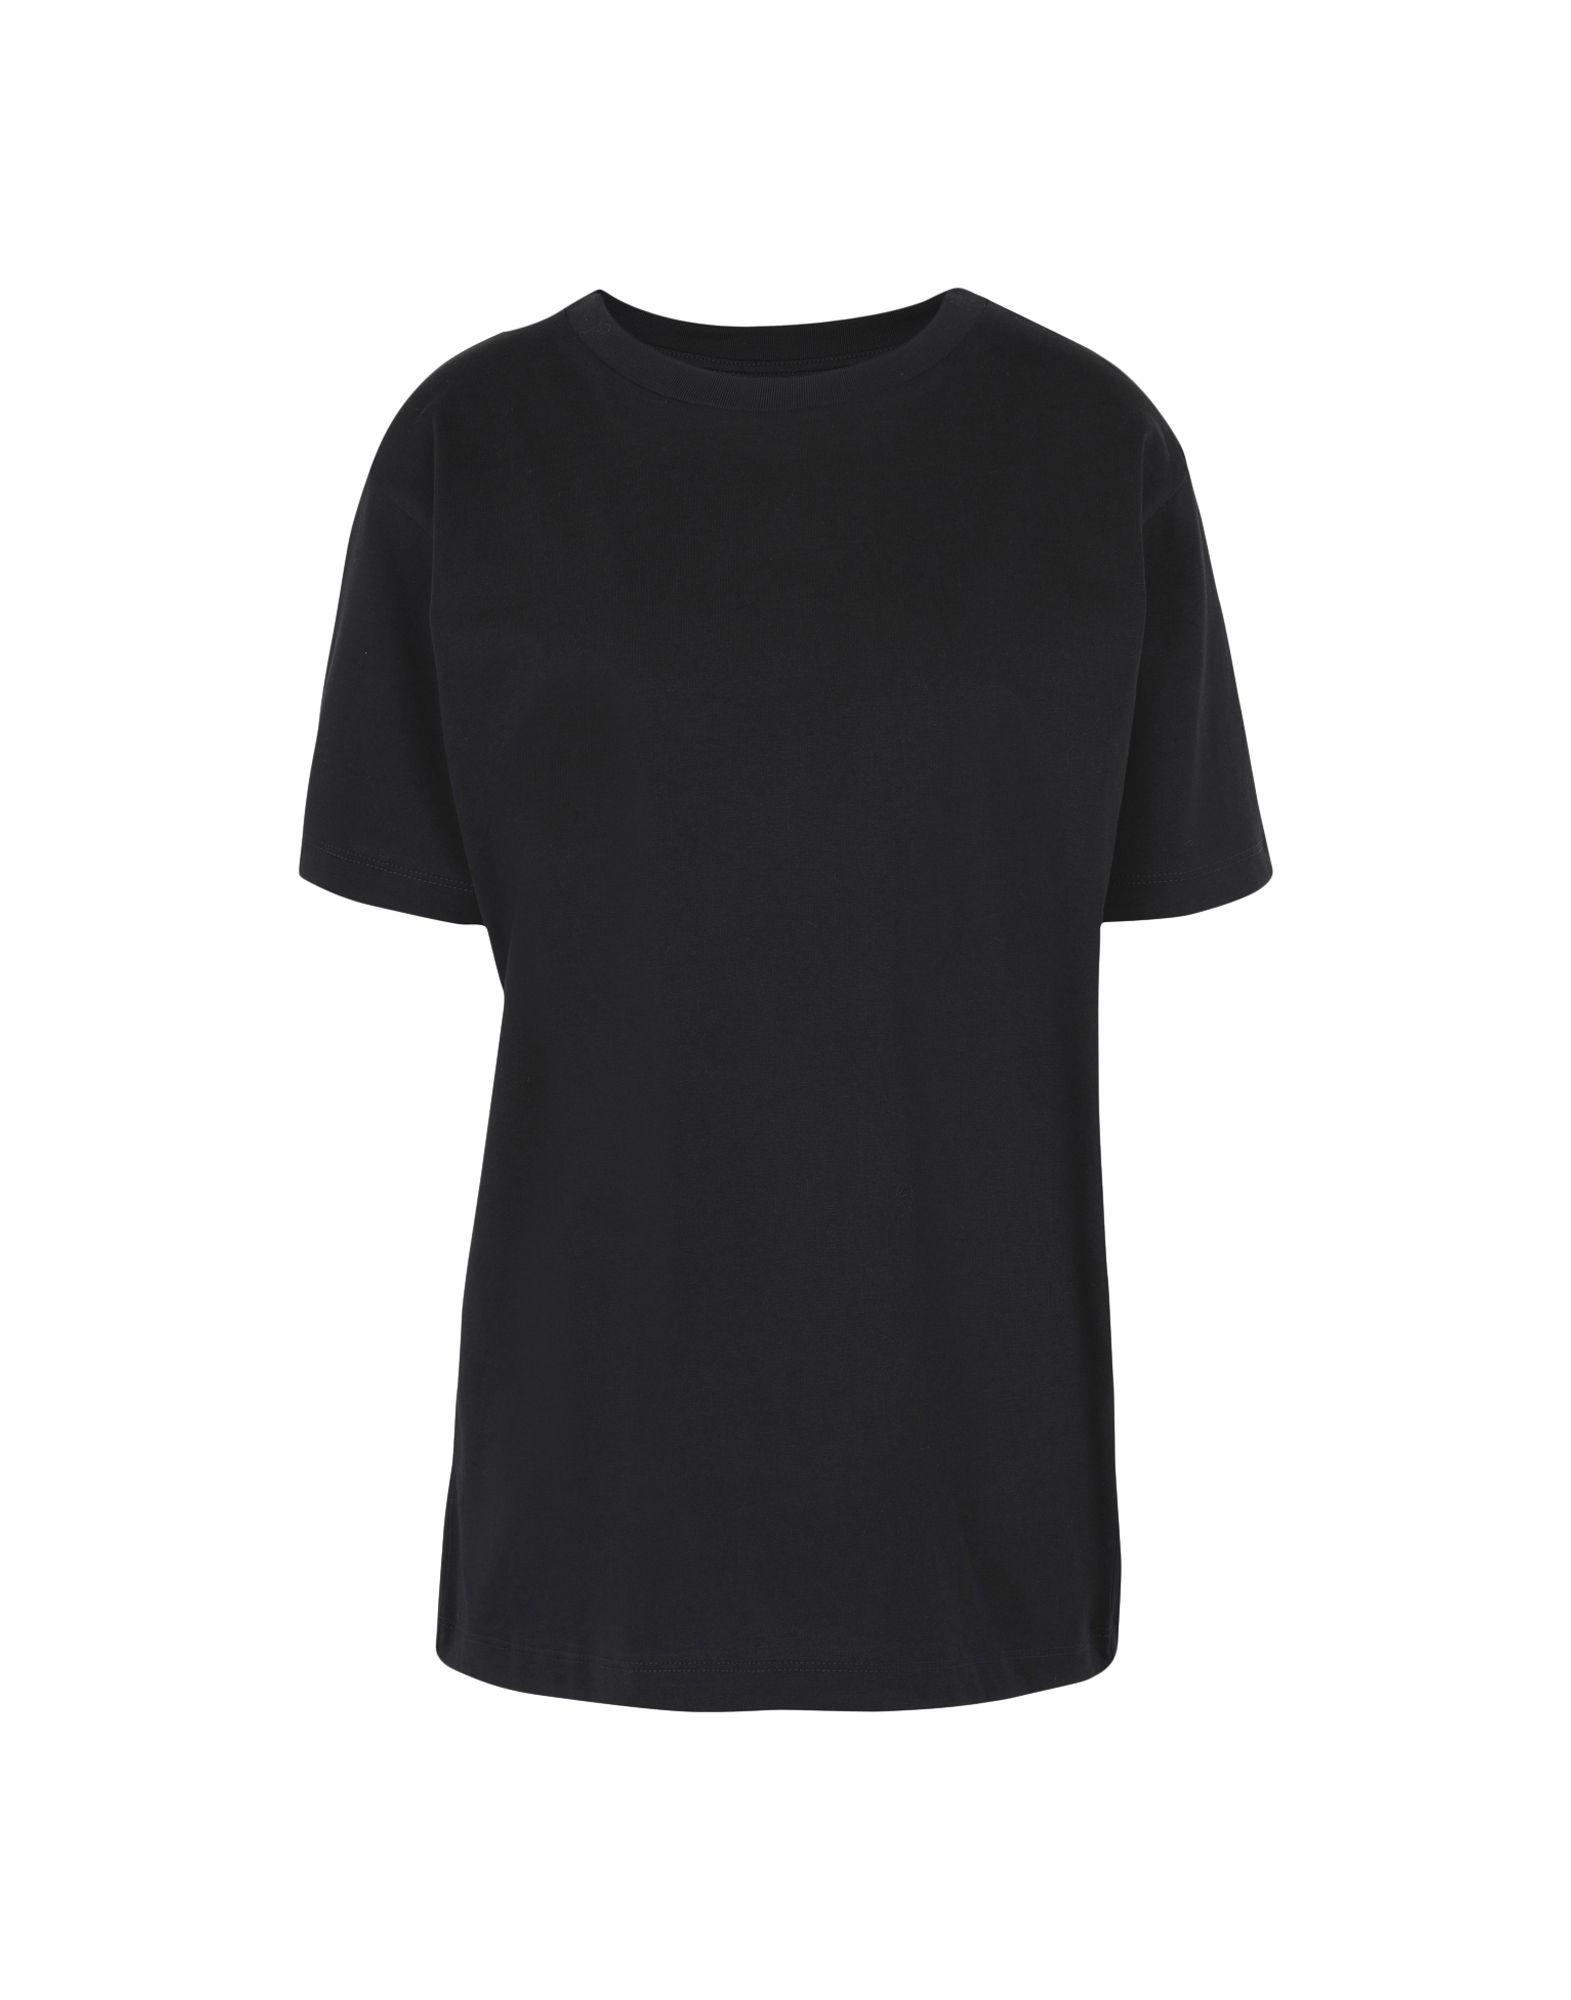 T-Shirt Gaëlle Paris damen - 12249548FT